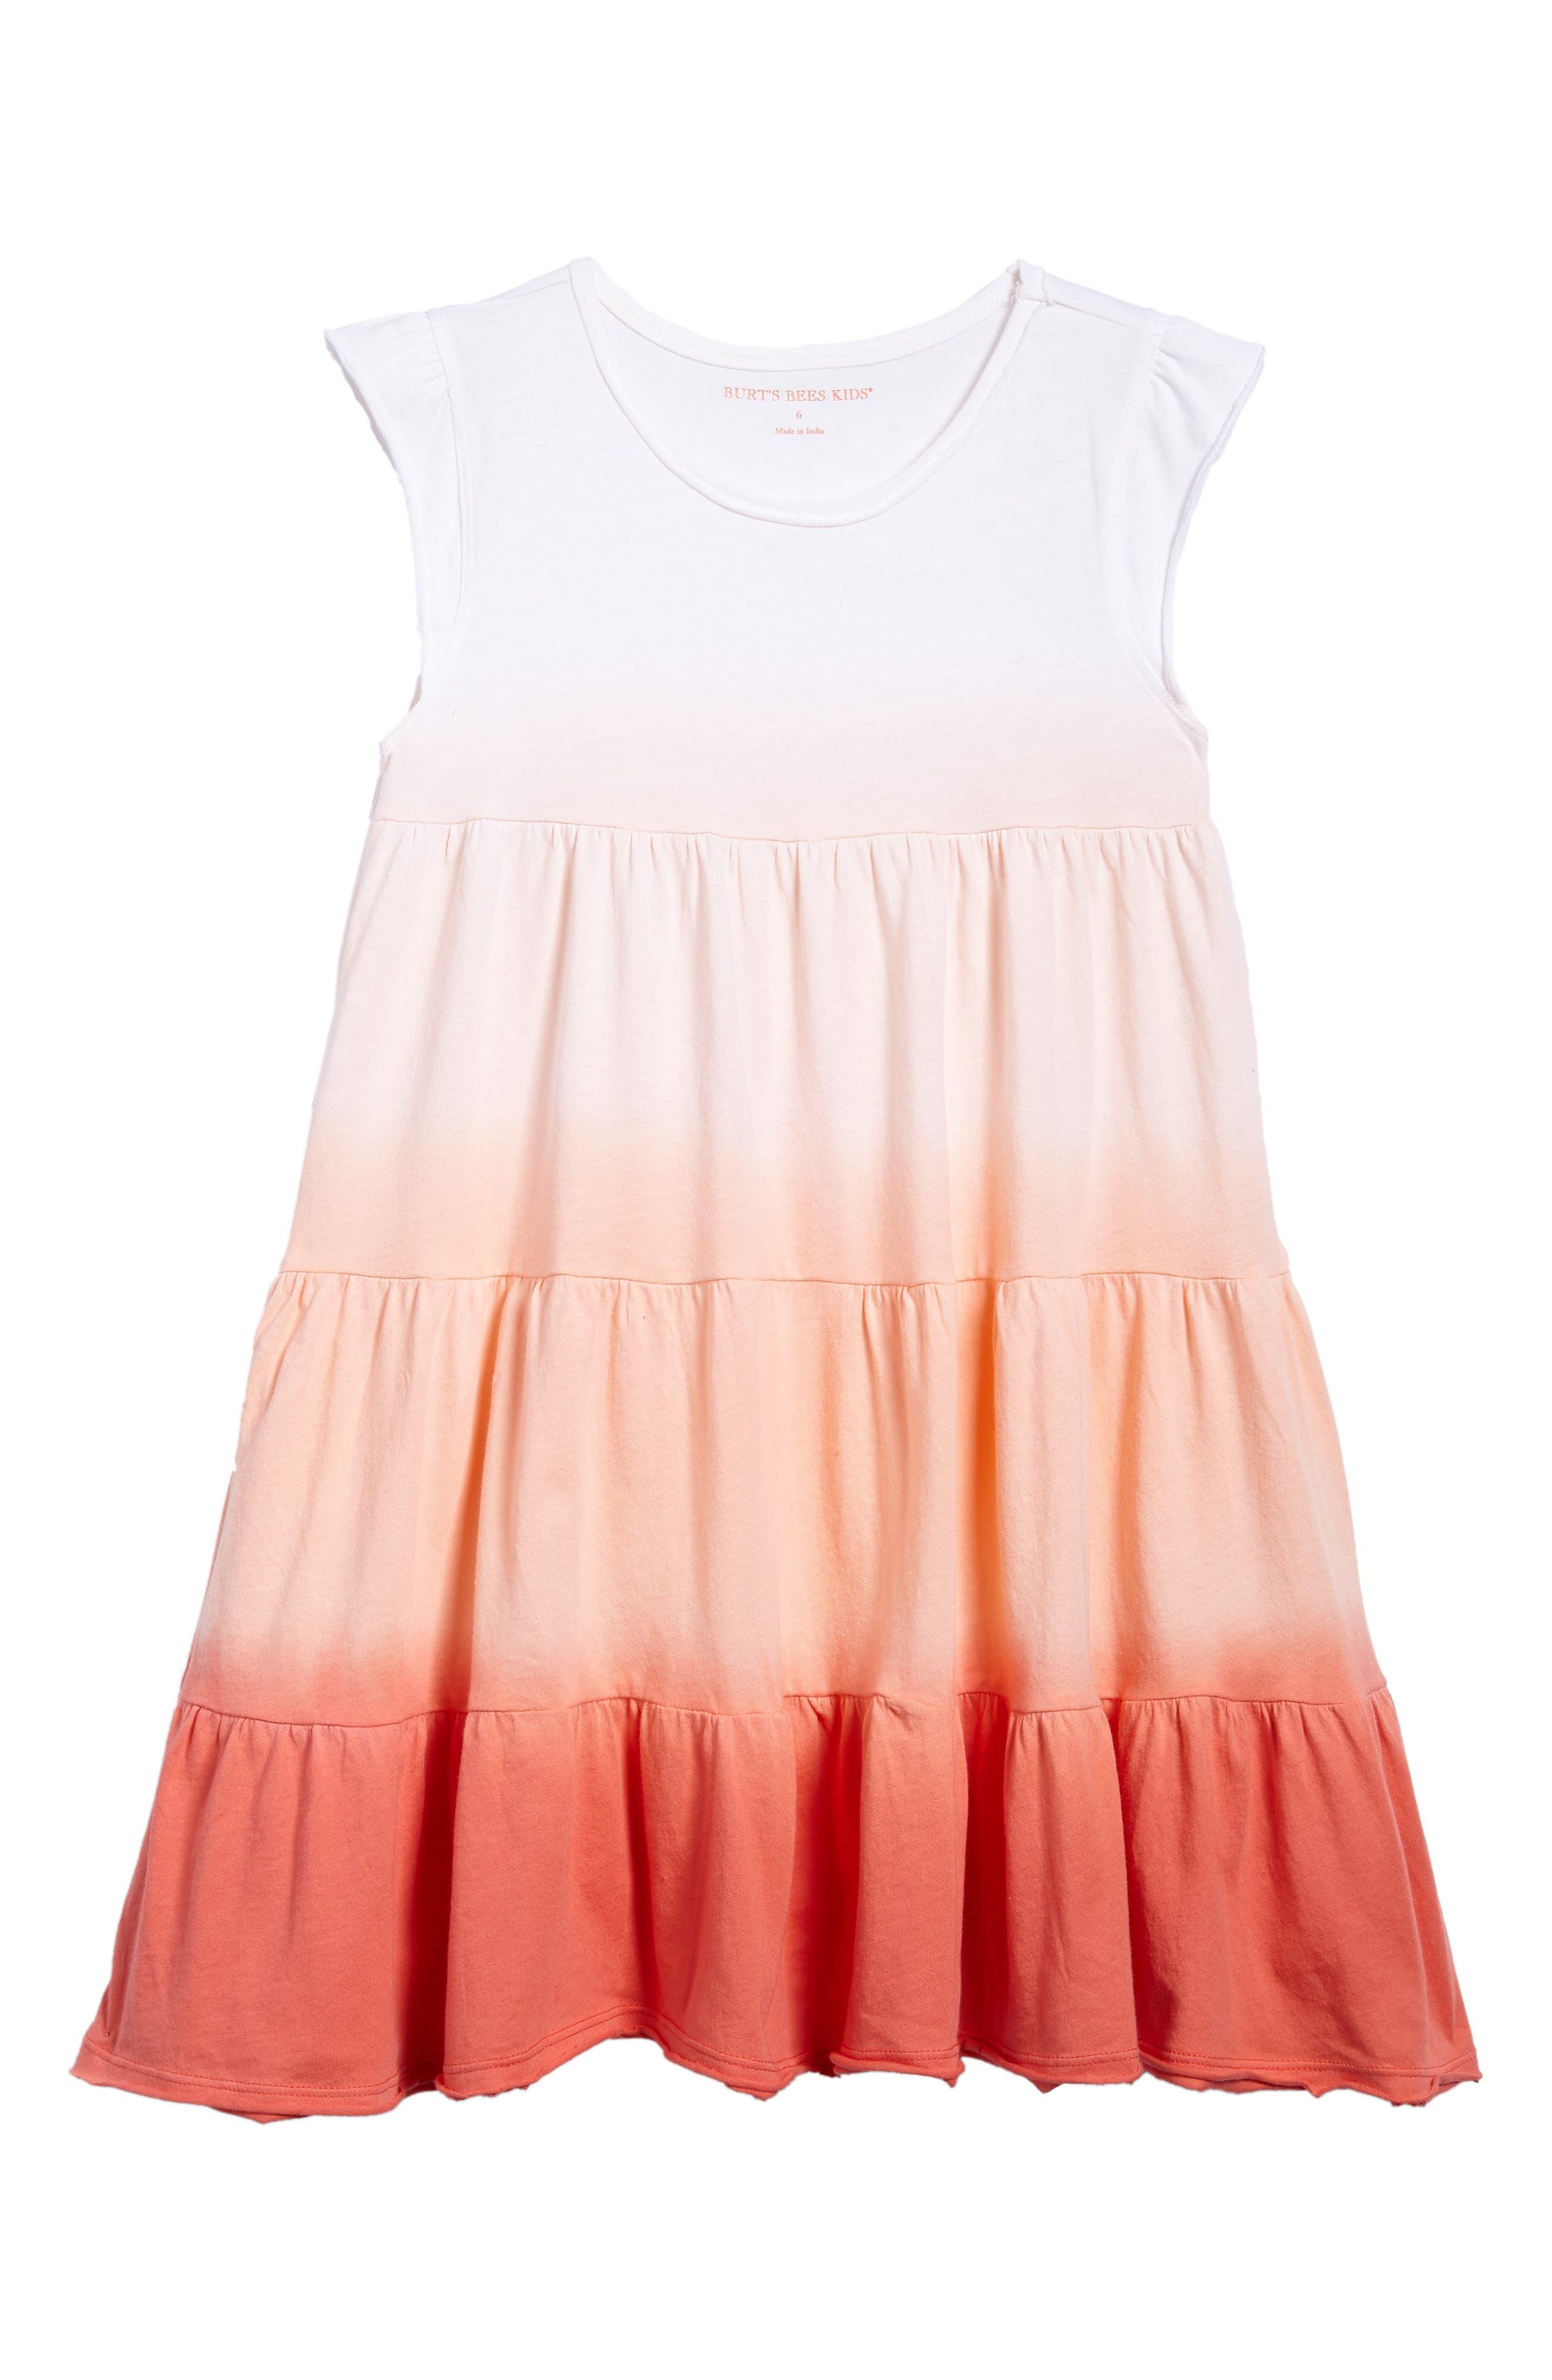 Alternate Image 1 Selected - Burt's Bees Baby Dip Dye Organic Cotton Dress (Toddler Girls & Little Girls)